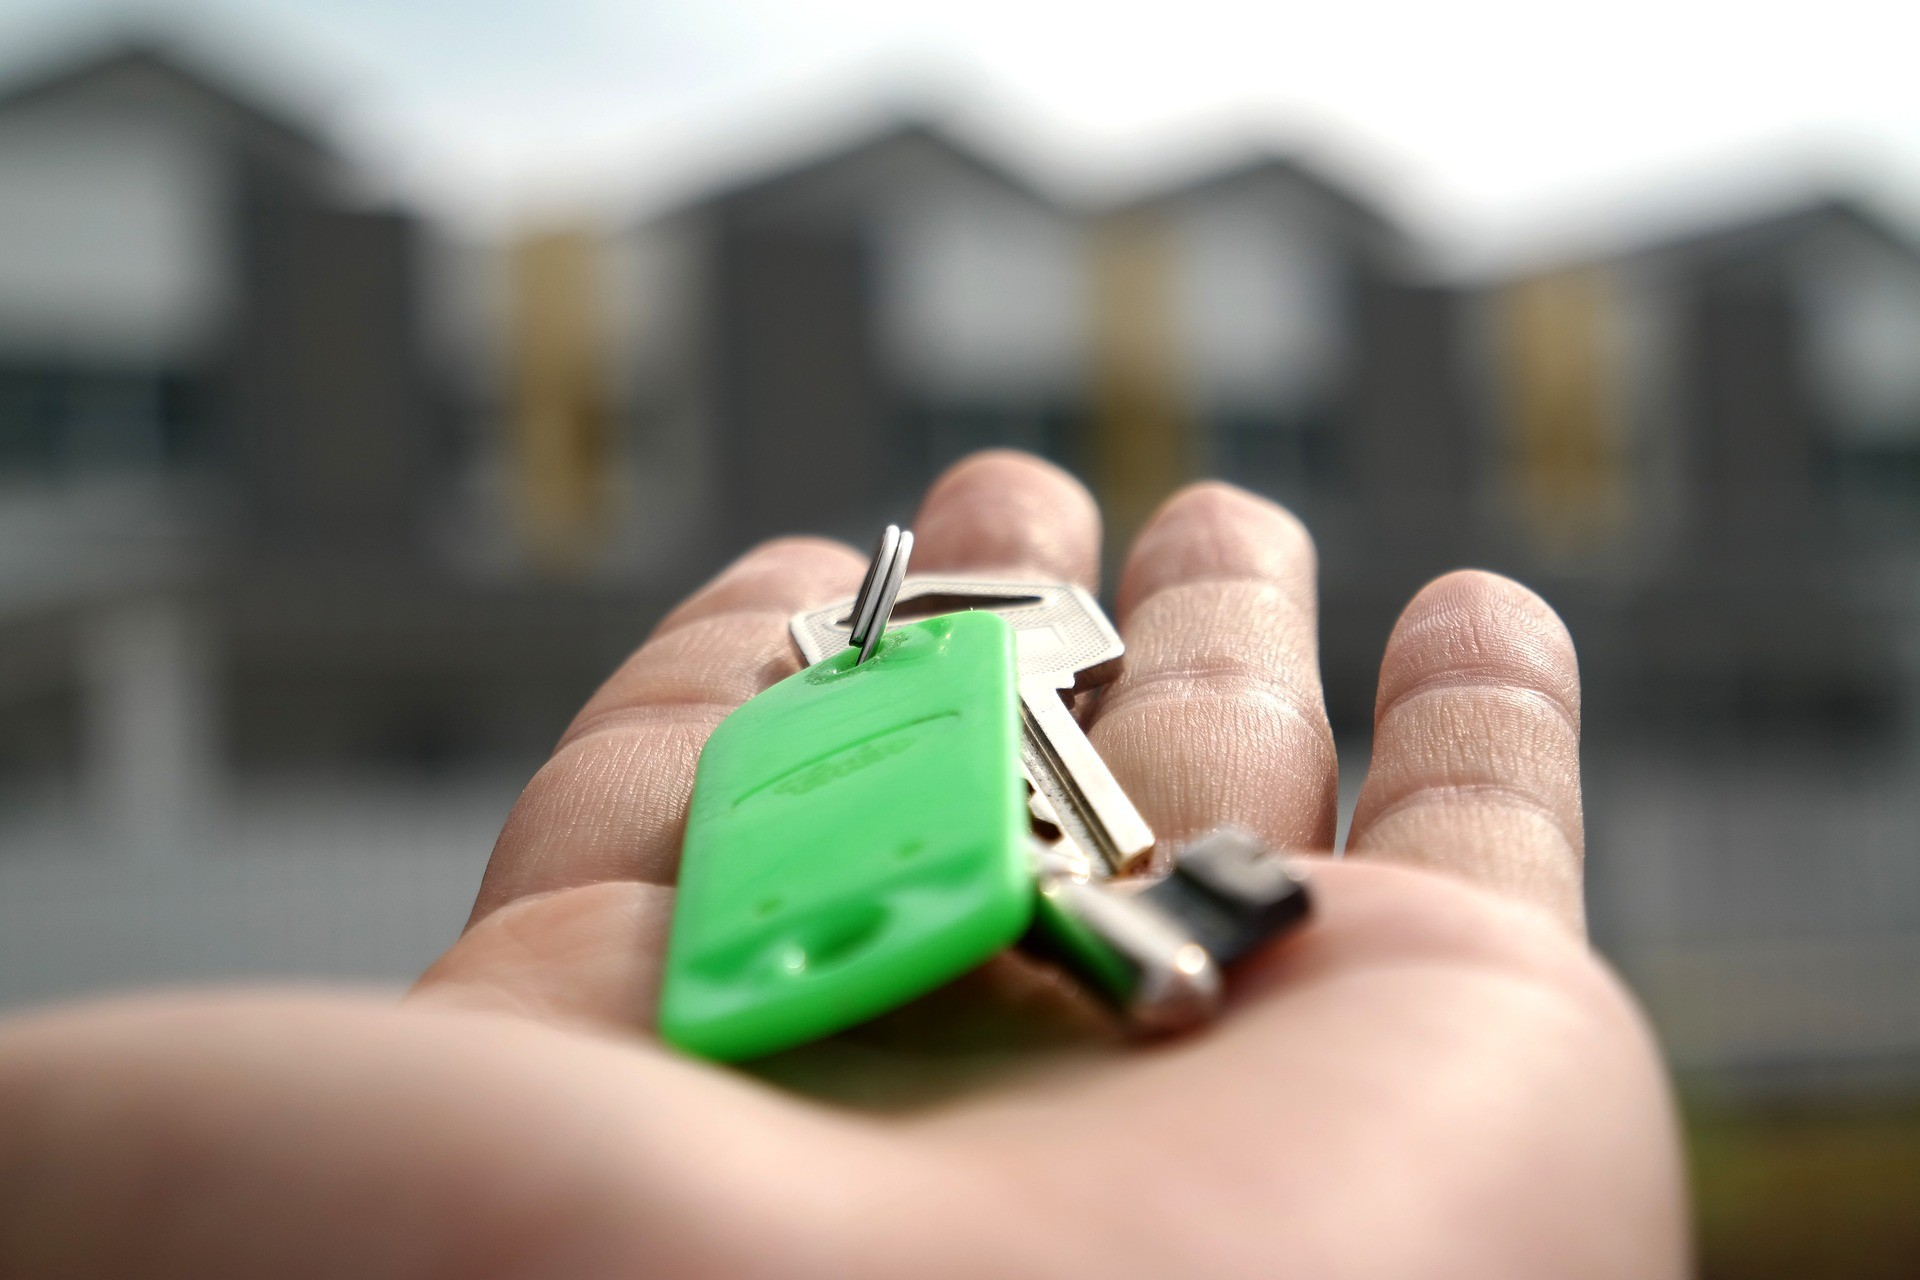 Keys in Hand